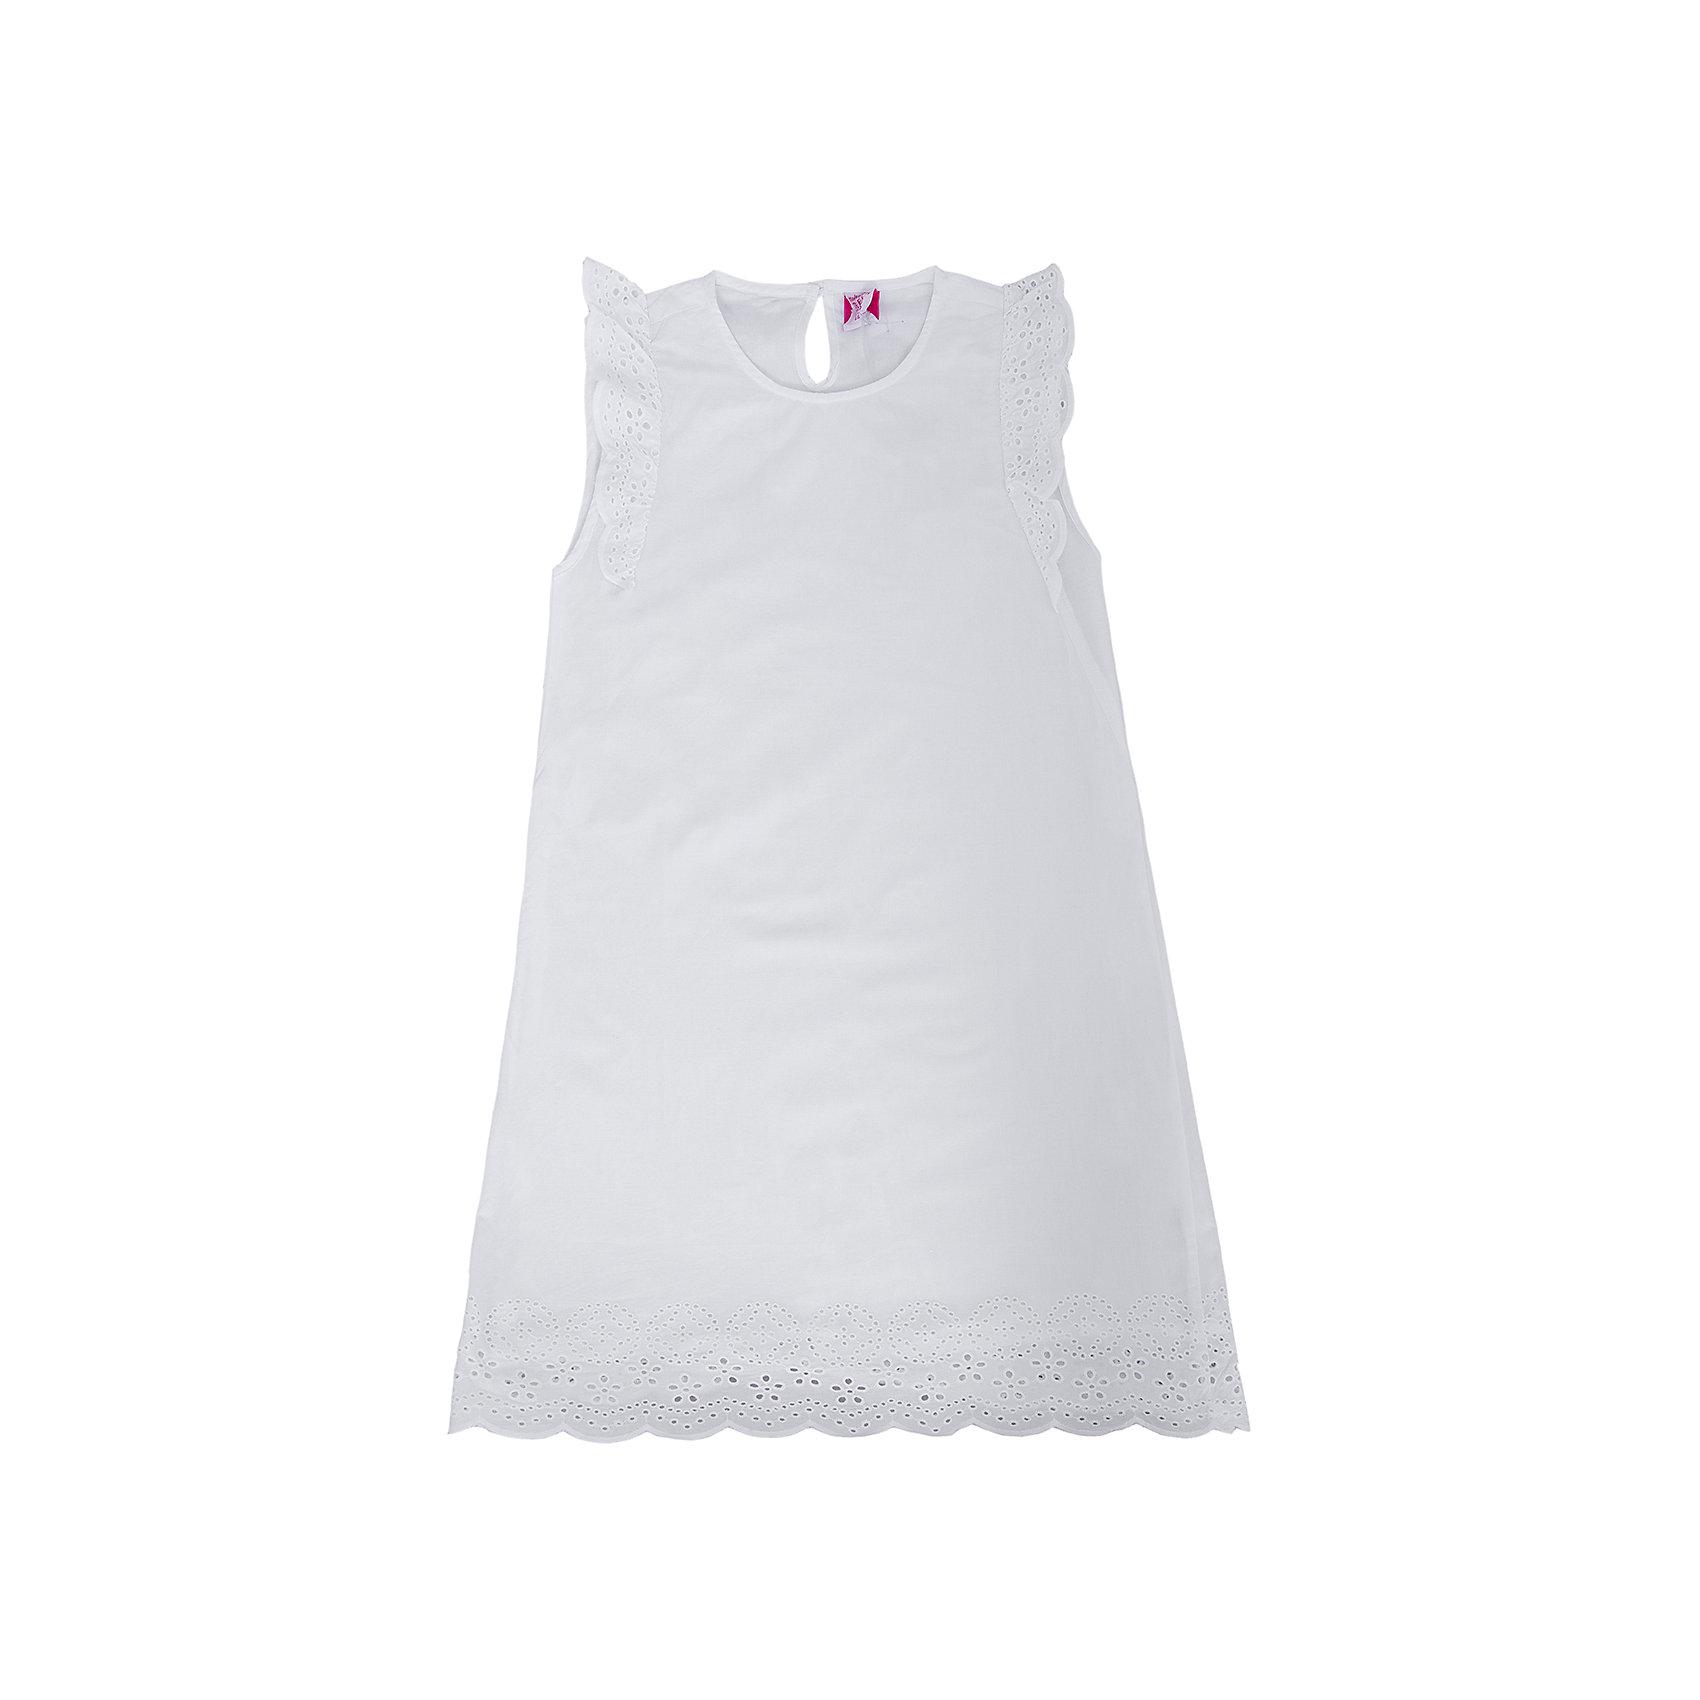 Платье для девочки SELAОчаровательное платье для девочки от популярного бренда SELA приведет в восторг любую модницу! Белоснежное платье выглядит очень нежно, легко, оно выполнено из воздушного материала - натурального, дышащего, мягкого и приятного к телу. Изделие обладает следующими особенностями:<br>- белый цвет, привлекательный дизайн;<br>- расширяющийся книзу силуэт;<br>- кокетливые рукава-крылышки и оборка на подоле выполнены из шитья в тон;<br>- округлый вырез горловины;<br>- застегивается на 1 пуговку сзади;<br>- небольшой каплевидный вырез на спинке;<br>- комфортный крой.<br>Прекрасное платье для юной прелестницы!<br><br>Дополнительная информация:<br>- состав: 100% хлопок<br>- цвет: белый<br><br>Платье для девочки SELA можно купить в нашем магазине<br><br>Ширина мм: 236<br>Глубина мм: 16<br>Высота мм: 184<br>Вес г: 177<br>Цвет: белый<br>Возраст от месяцев: 132<br>Возраст до месяцев: 144<br>Пол: Женский<br>Возраст: Детский<br>Размер: 152,116,122,128,134,140,146<br>SKU: 4741641